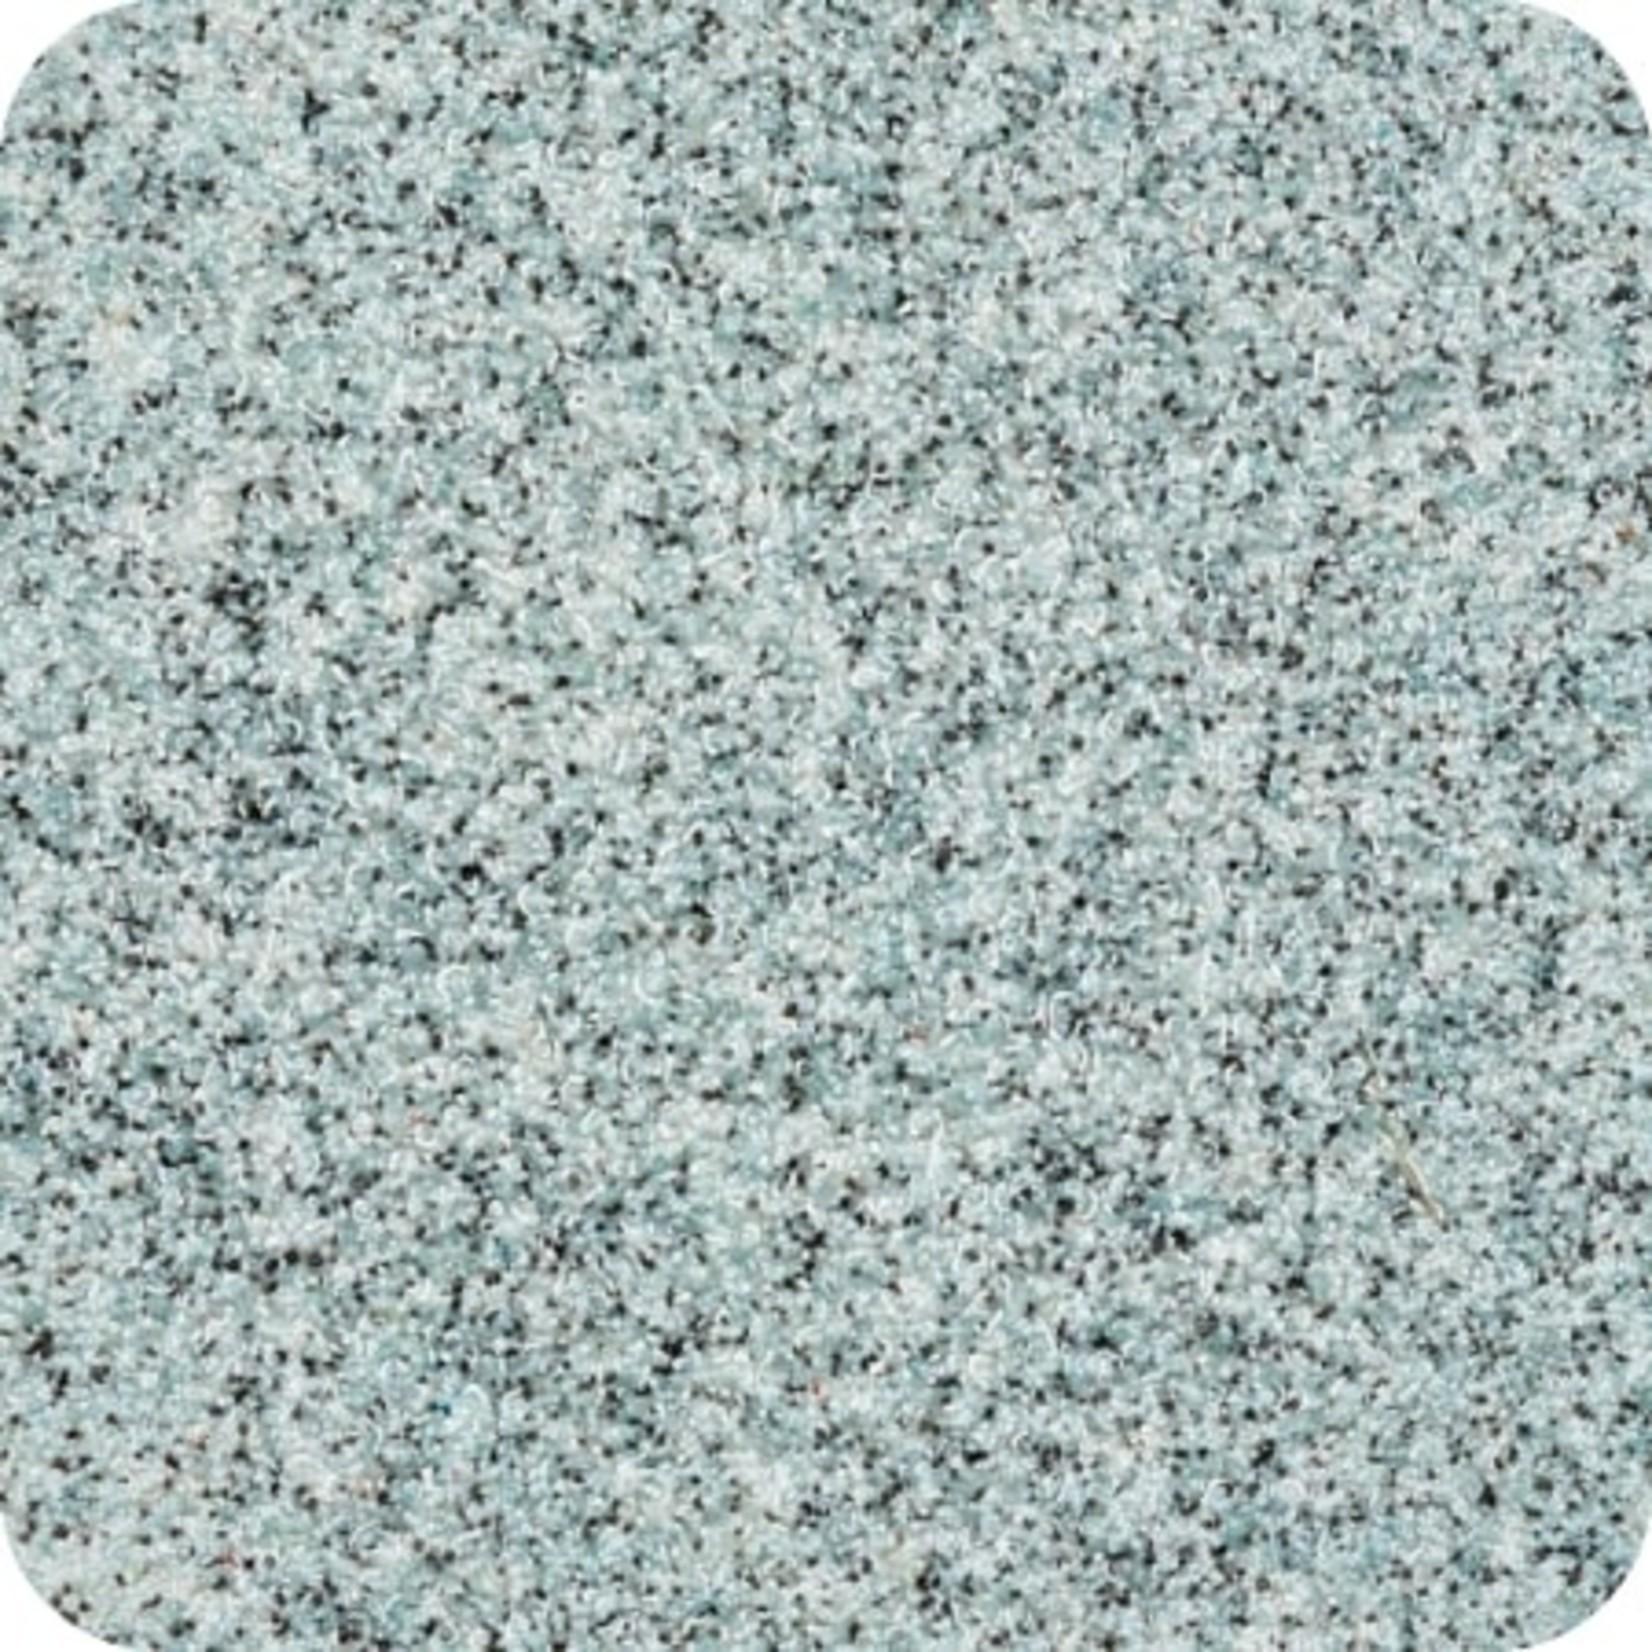 EVO Flocons de quartz pour époxy et polyaspartique 1 lbs